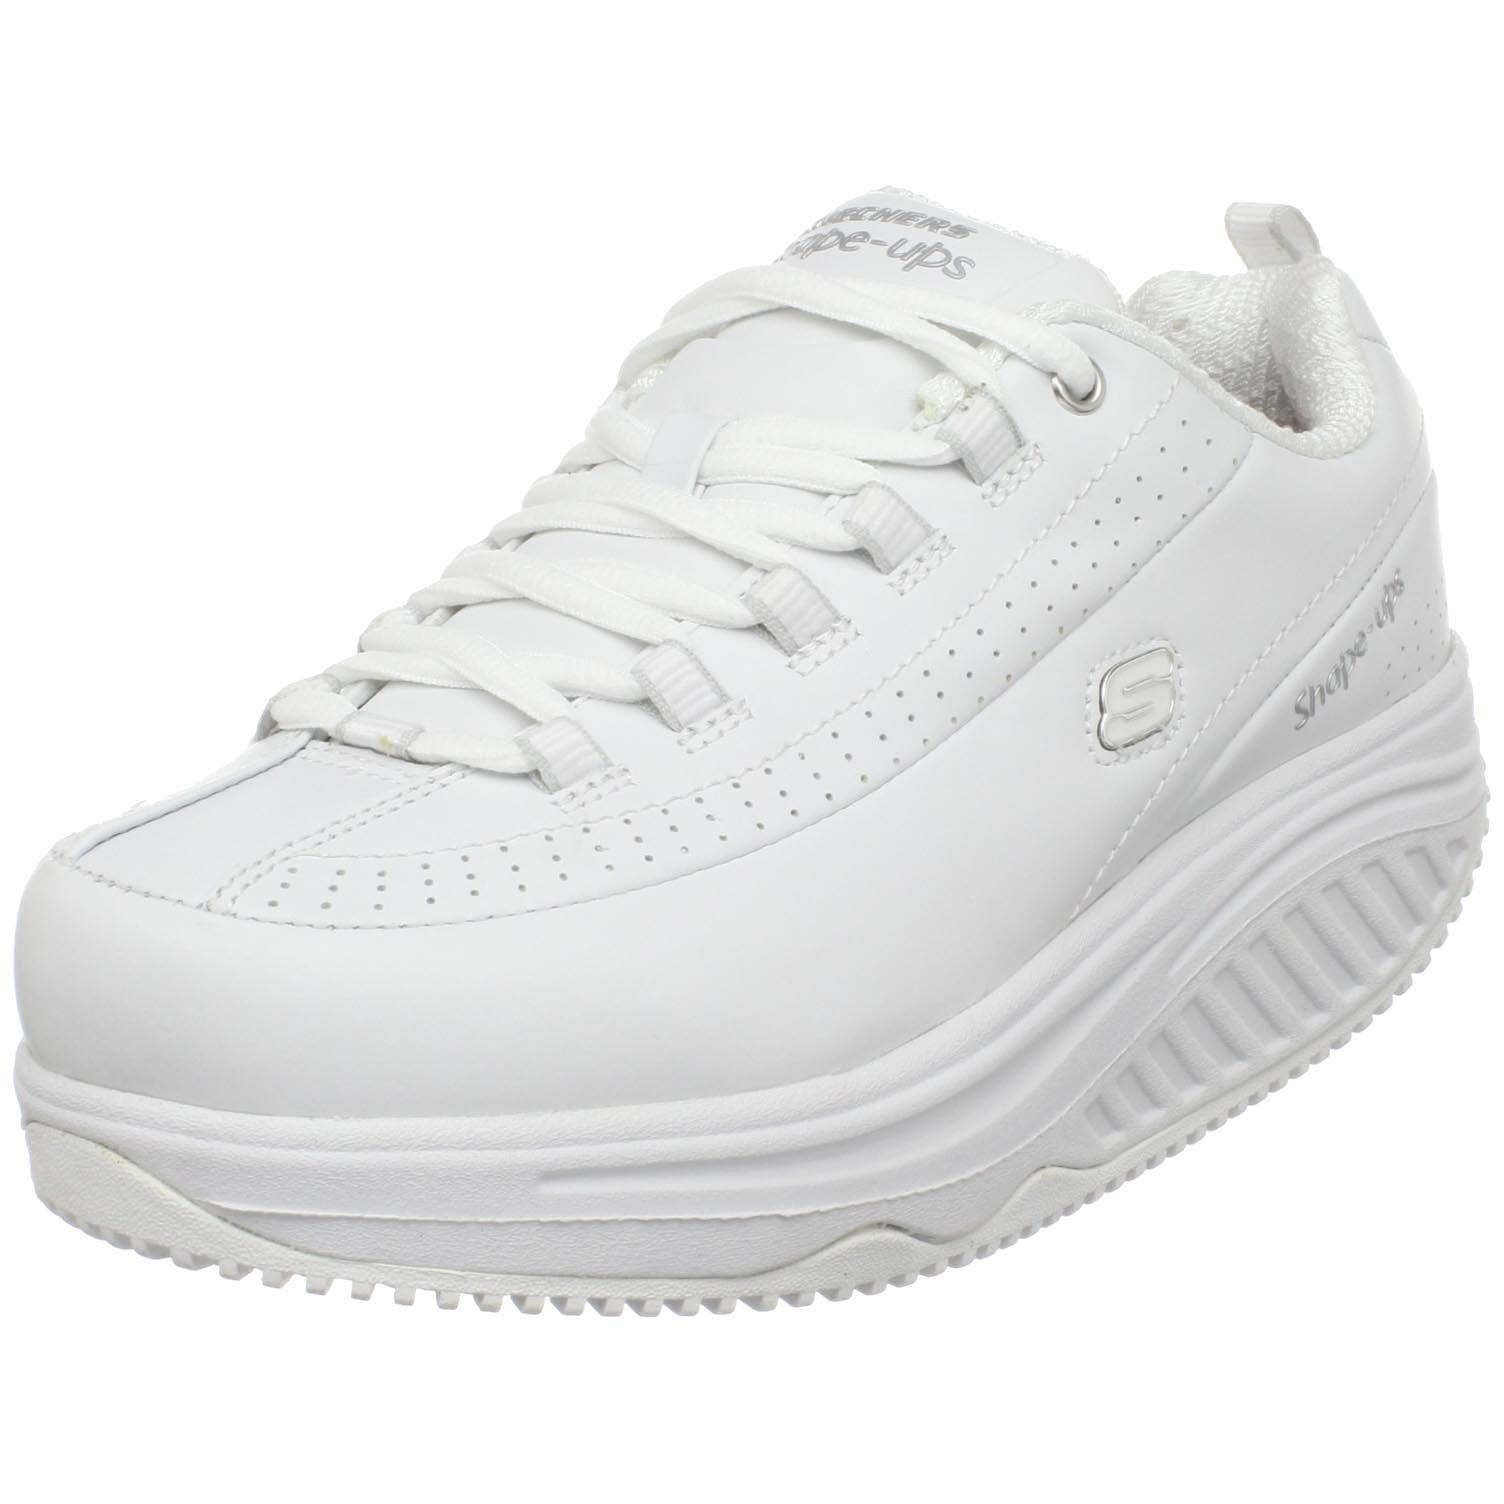 Skechers for Work Women's Shape Ups Slip Resistant Sneaker,White,10 M US by Skechers (Image #1)